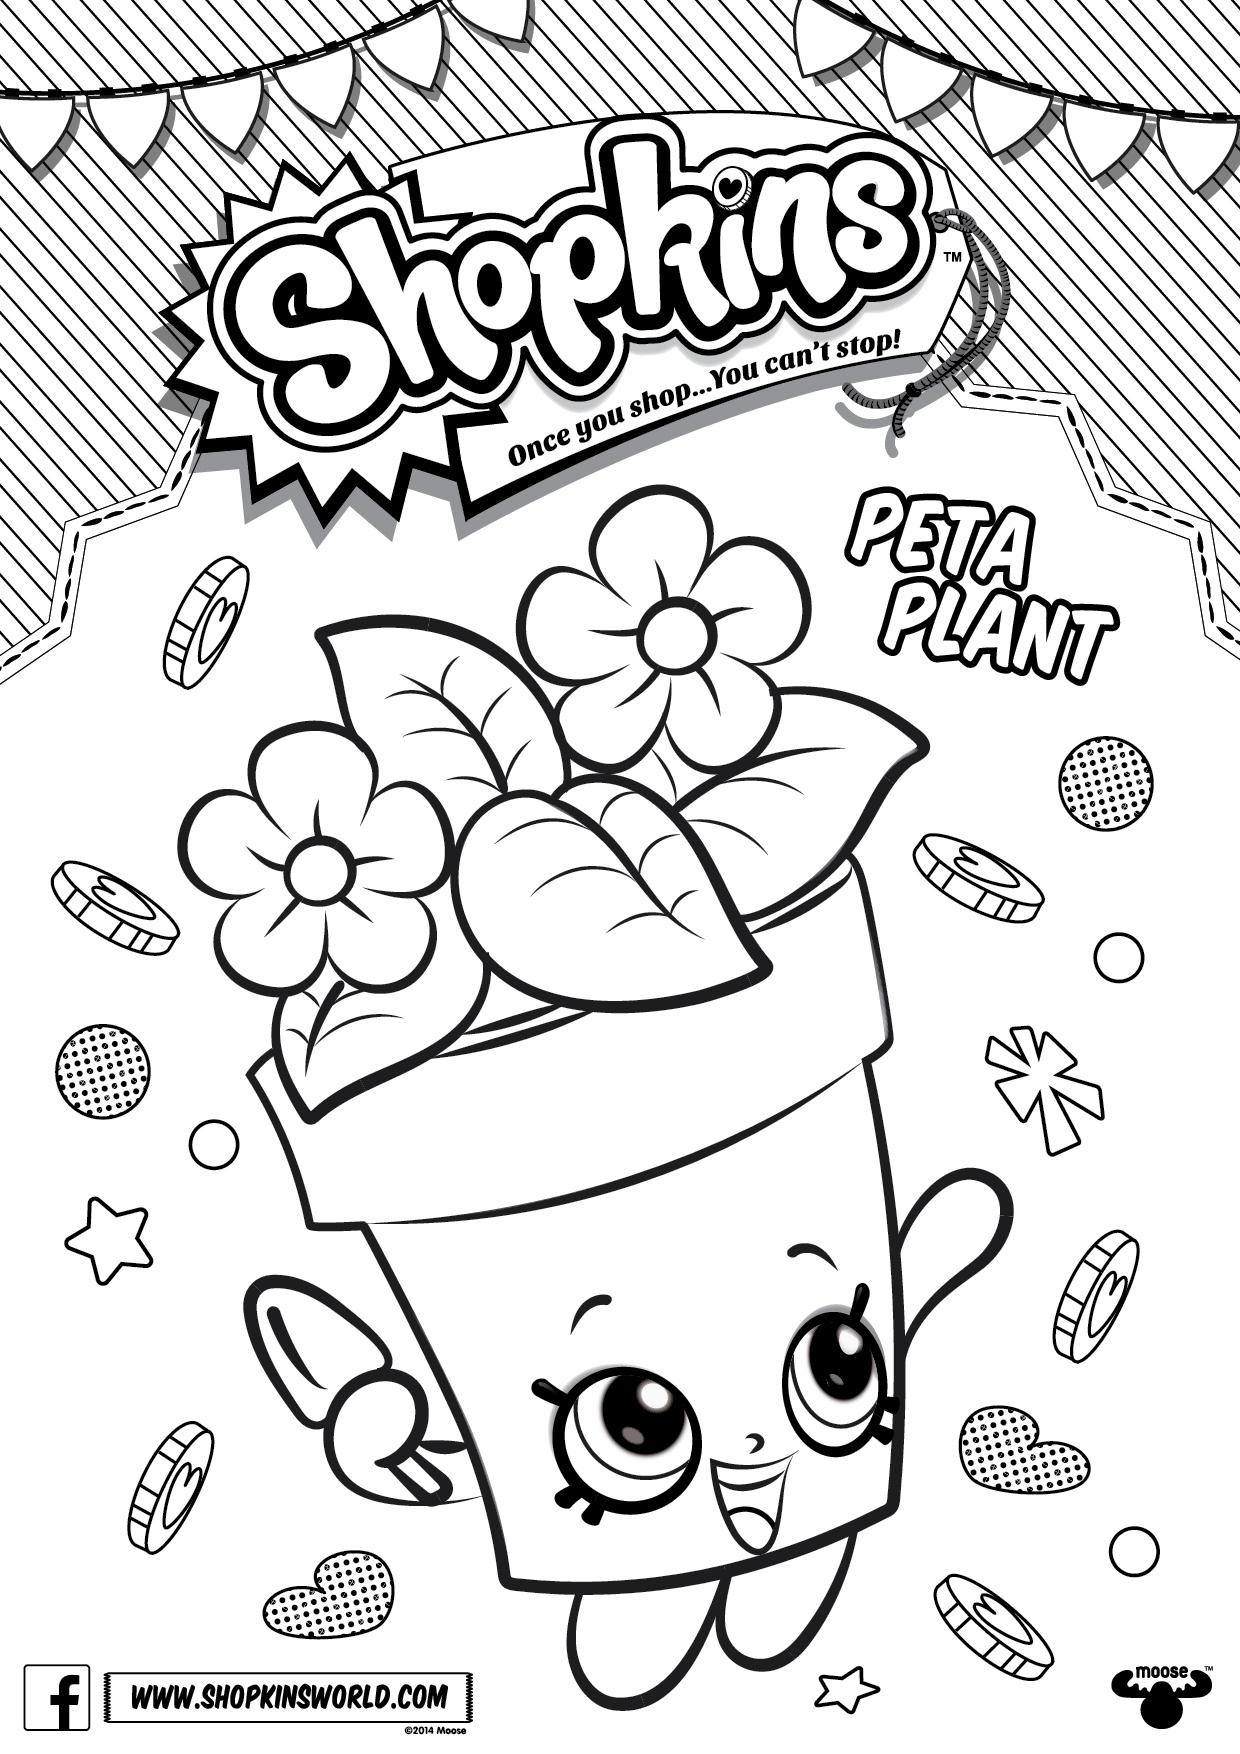 1240x1754 Shopkins Peta Plant Coloring Pages